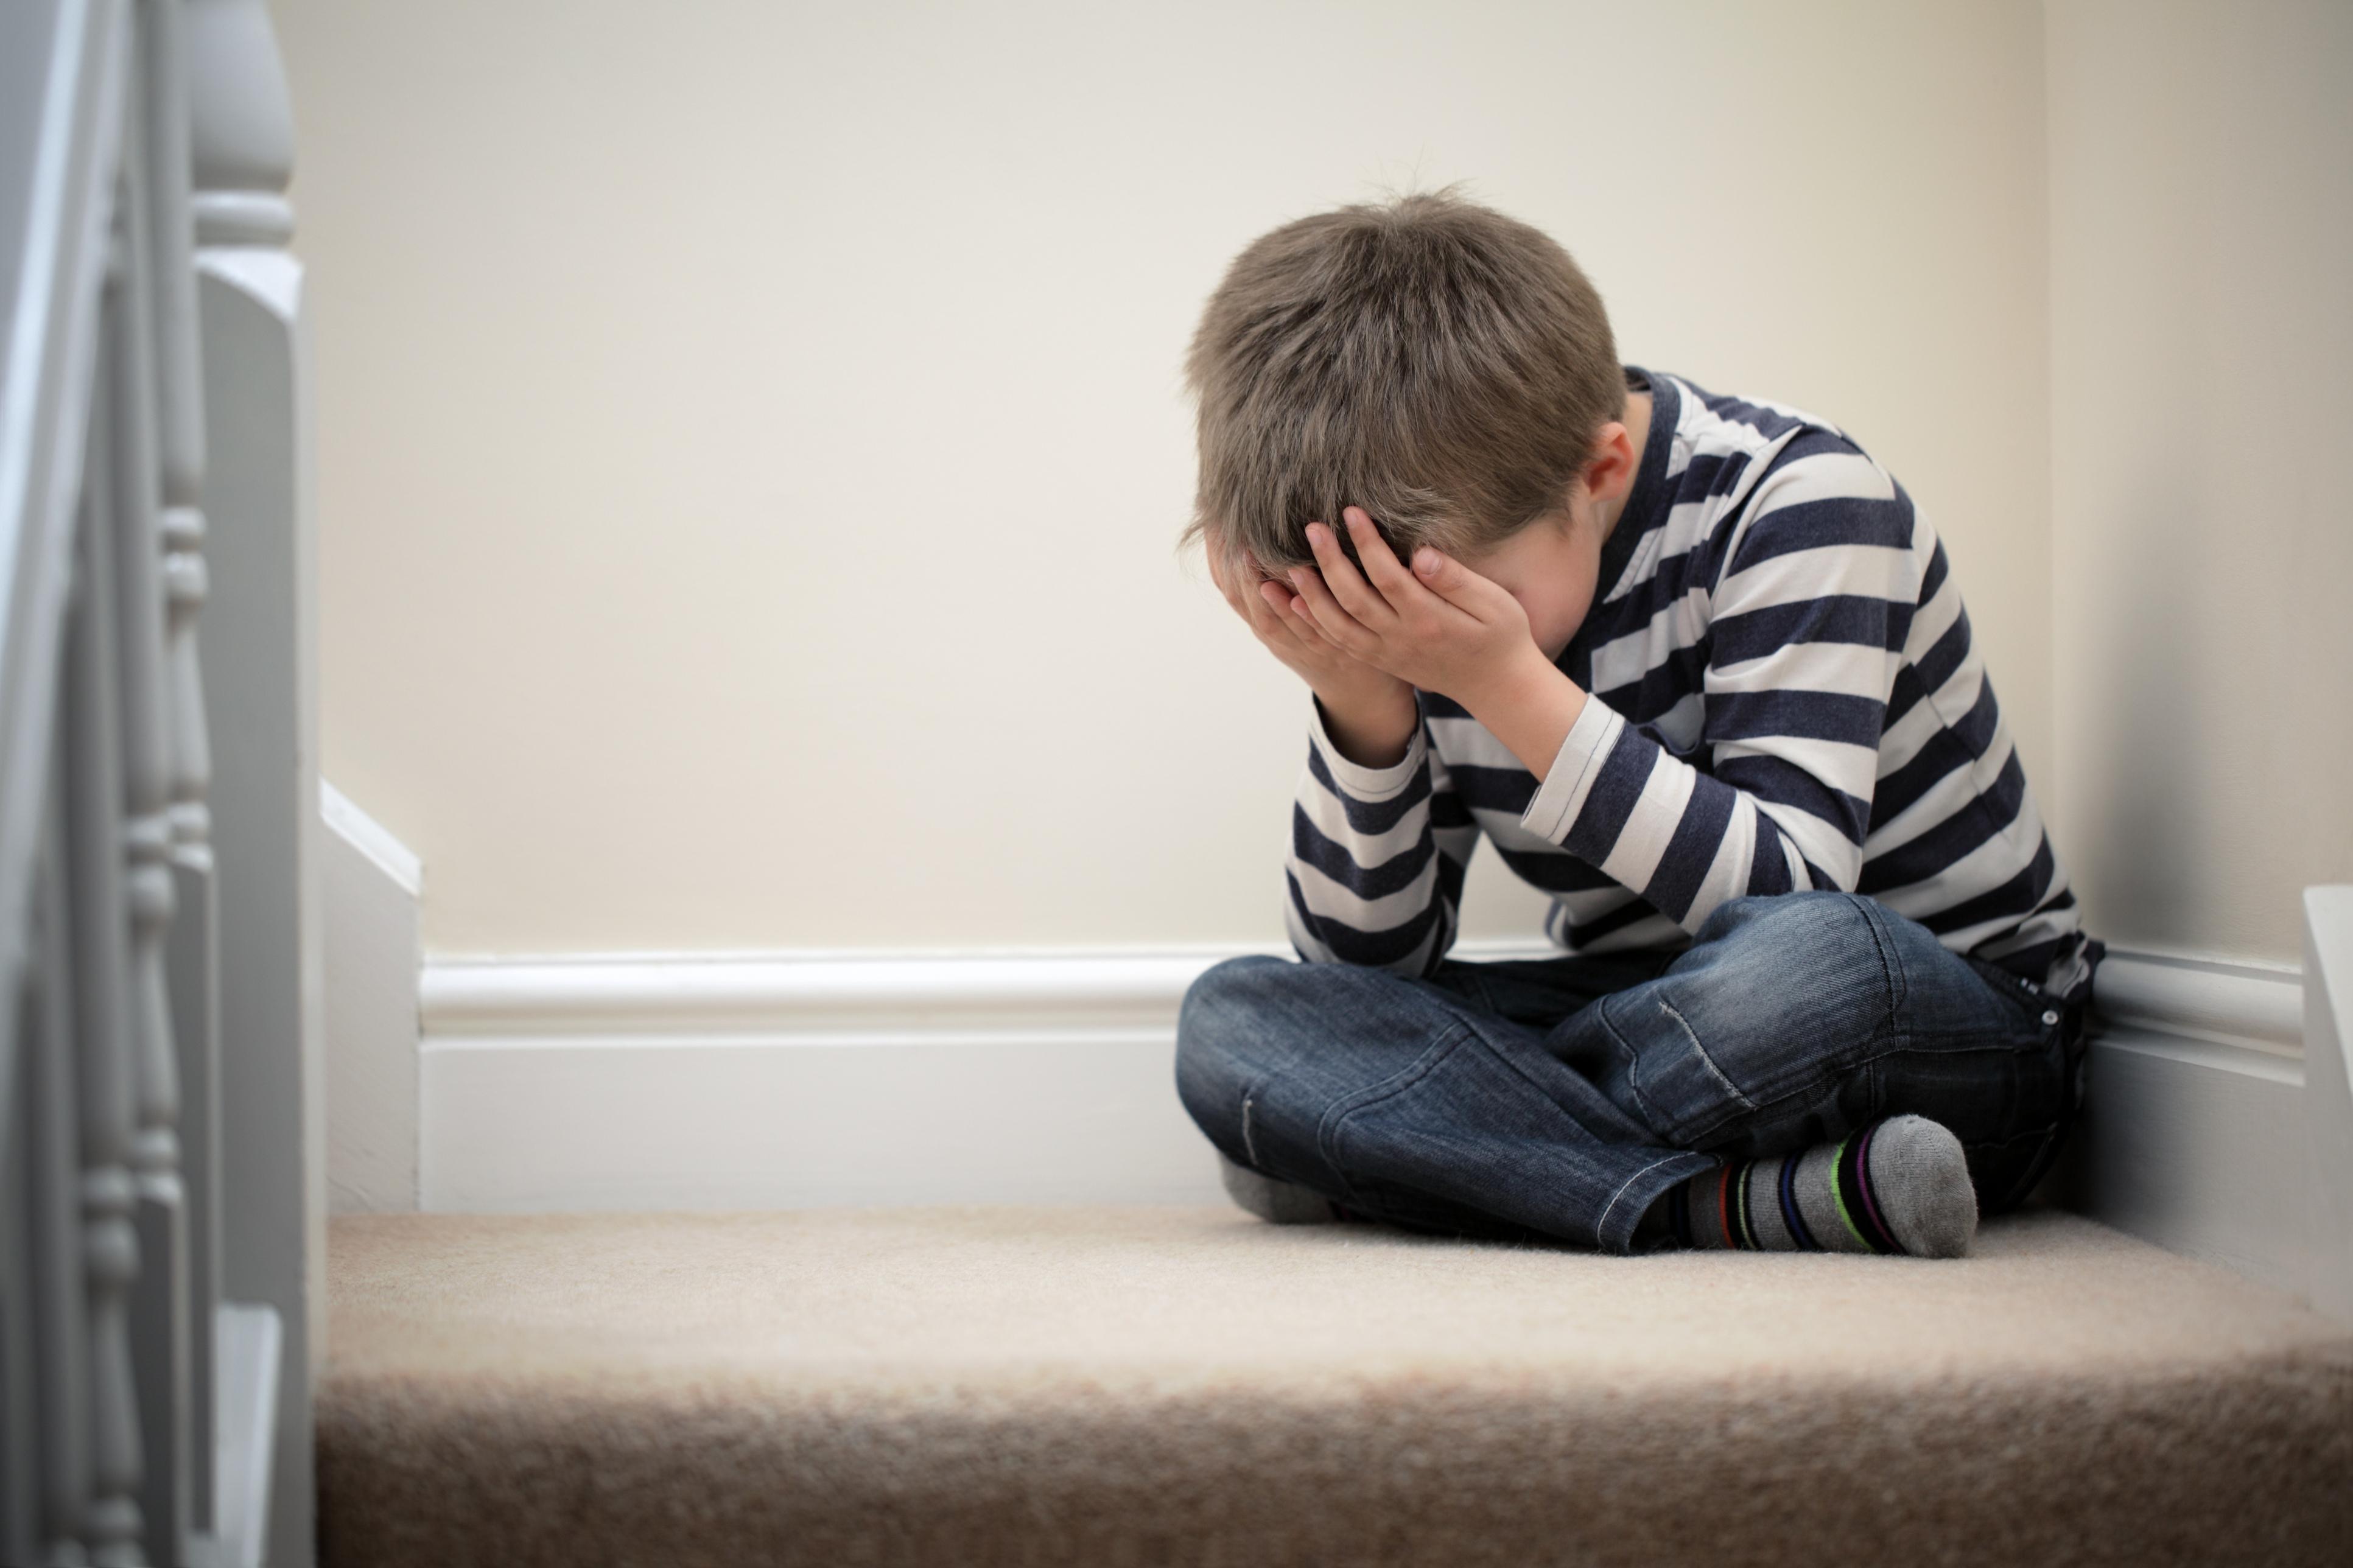 Photo of תושב חריש בן 21 נעצר לאחר שביצע מעשים מגונים בילדים בני 6 מהישוב, לאחר שביקש מהם לעלות לדירתו ושם ביצע בהם את זממו